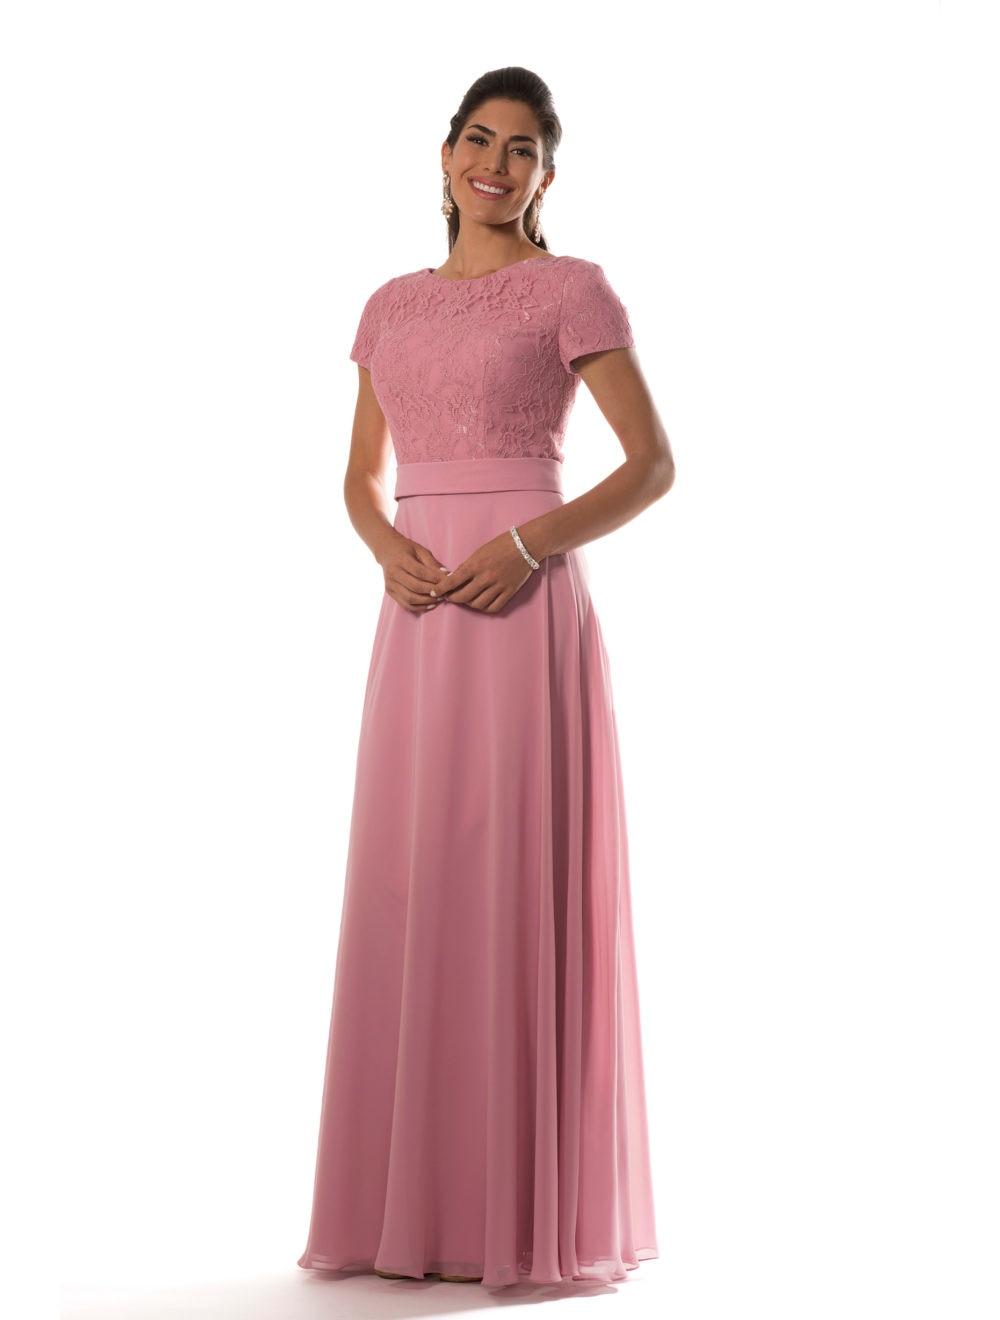 Asombroso Vestidos Modestos Damas De Honor Regalo - Colección de ...